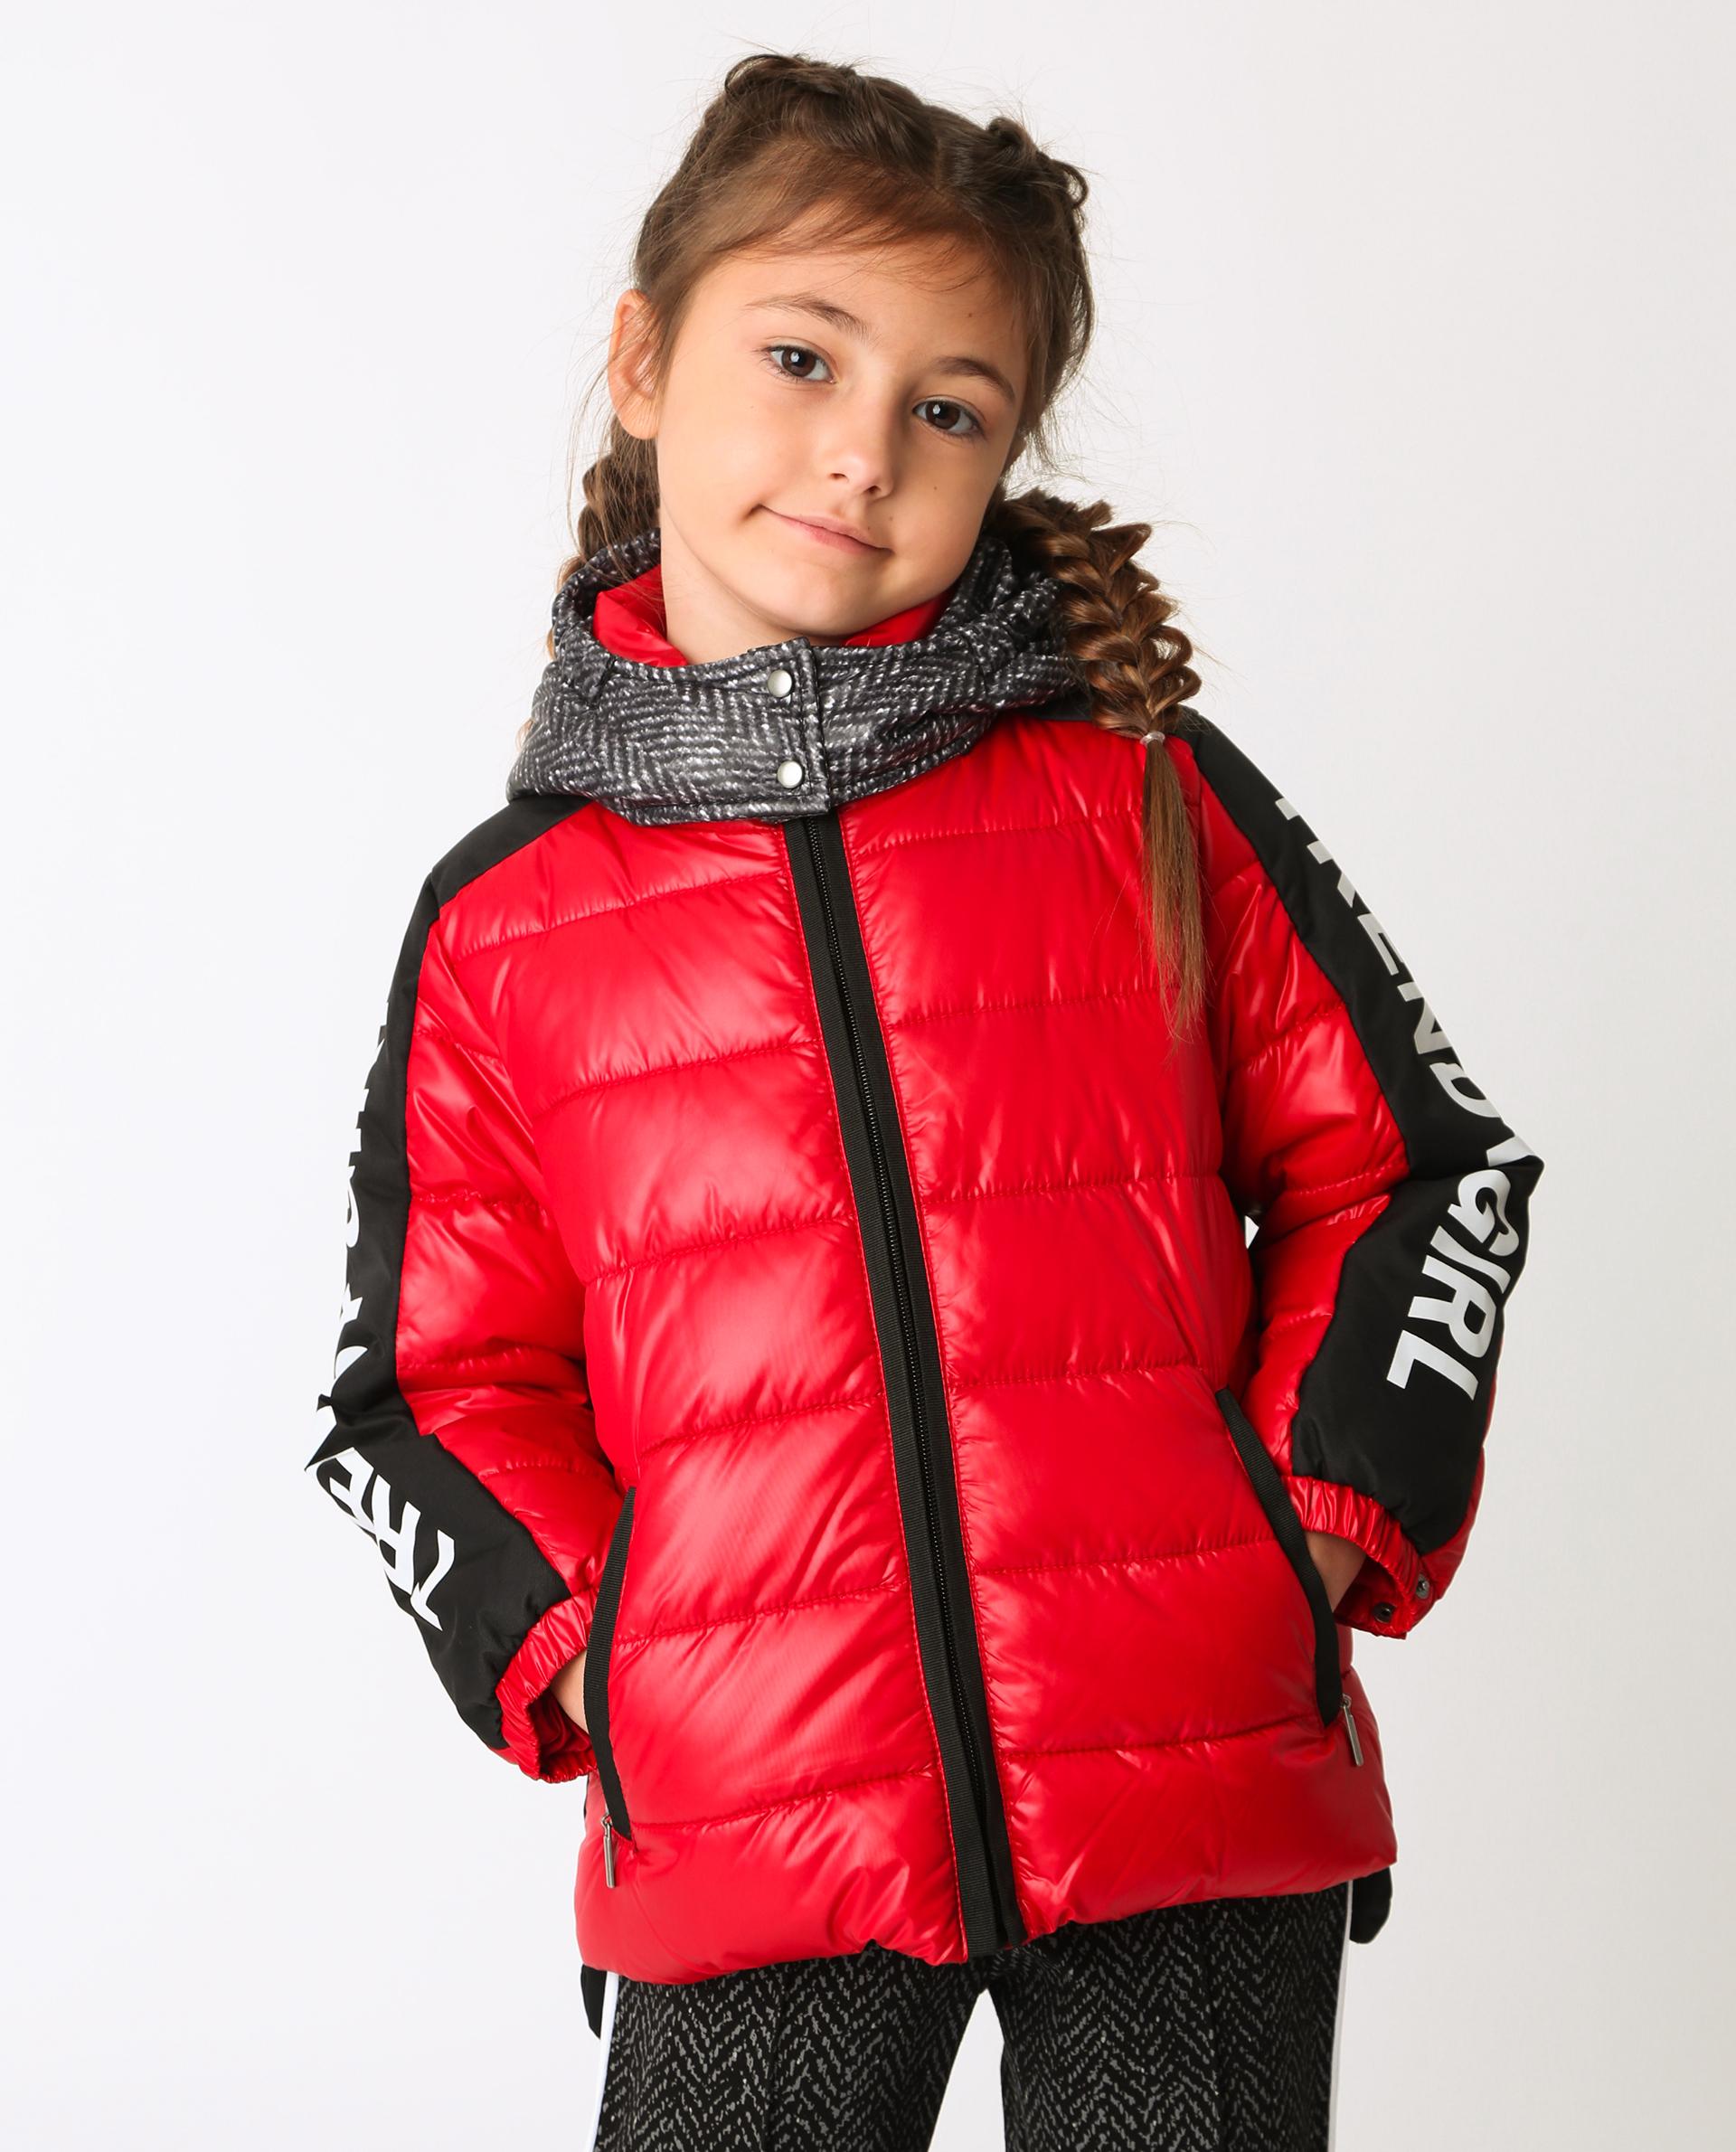 Красная куртка демисезонная Gulliver 22002GMC4102 красного цвета